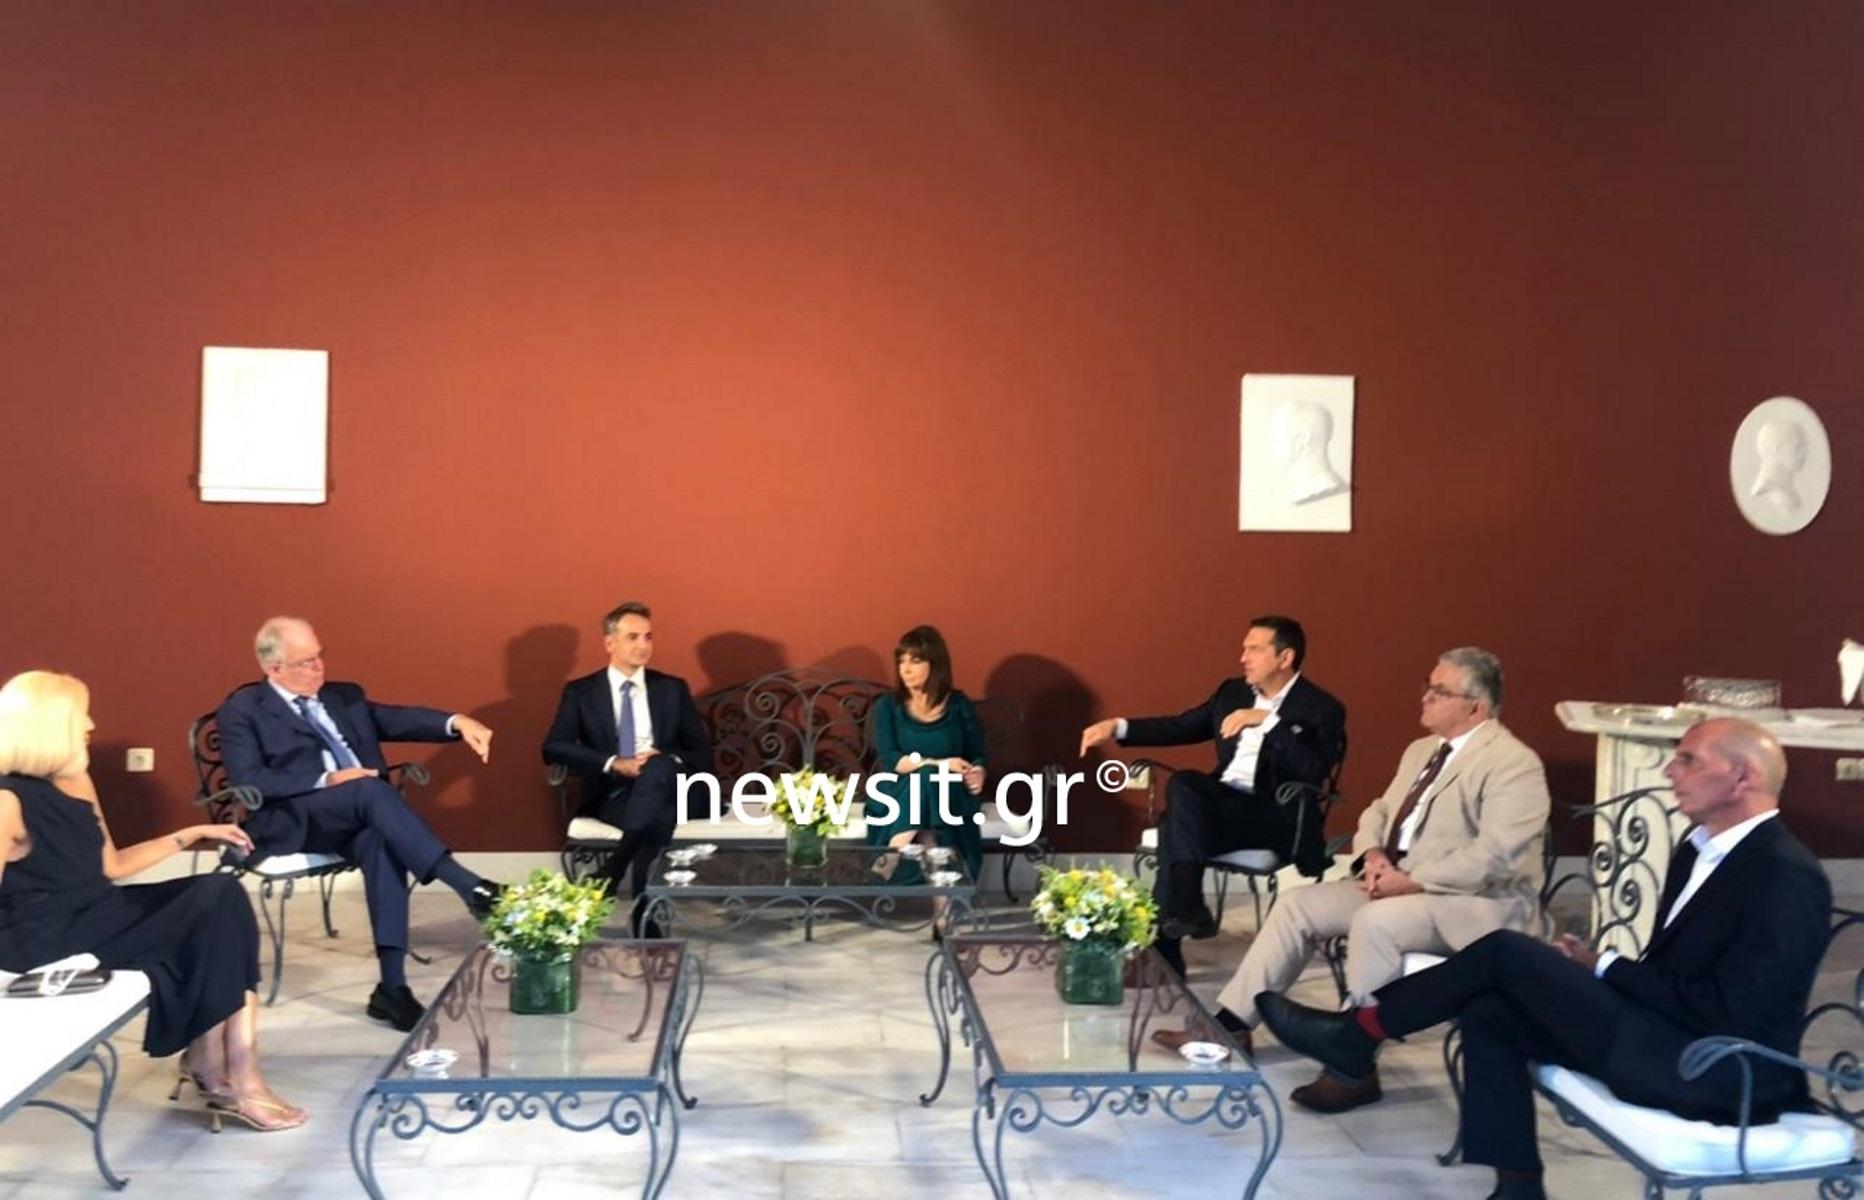 Δεξίωση στο Προεδρικό Μέγαρο: Τι συζήτησαν οι πολιτικοί αρχηγοί στο κιόσκι